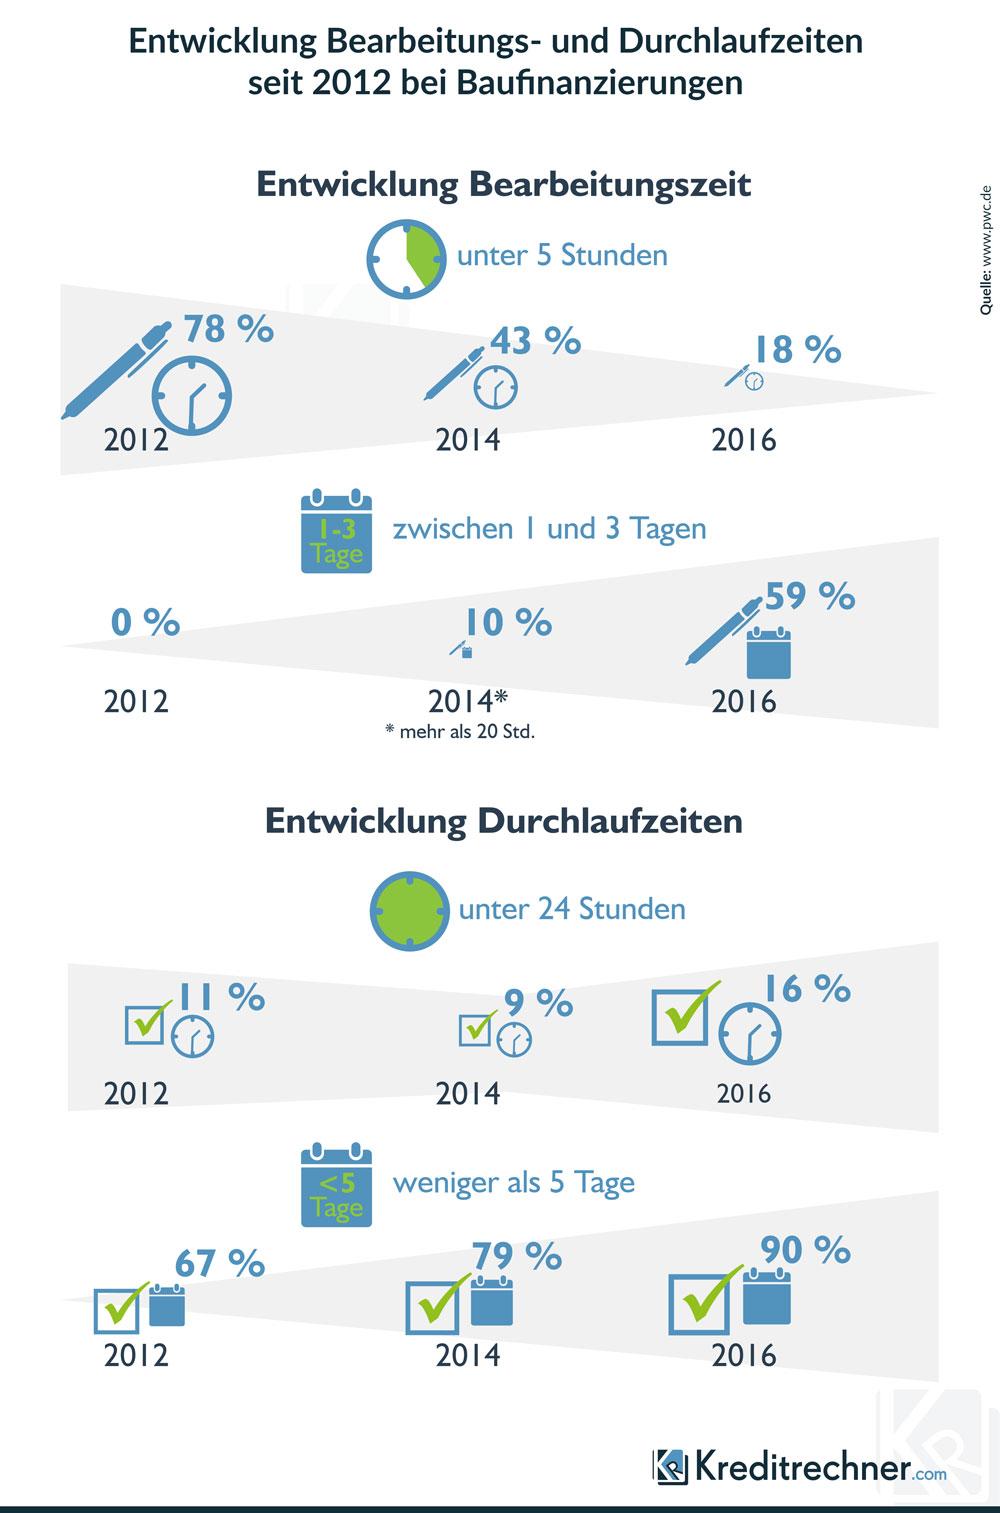 Infografik zur Entwicklung der Bearbeitungs- und Durchlaufzeiten seit 2012 bei Baufinanzierungen